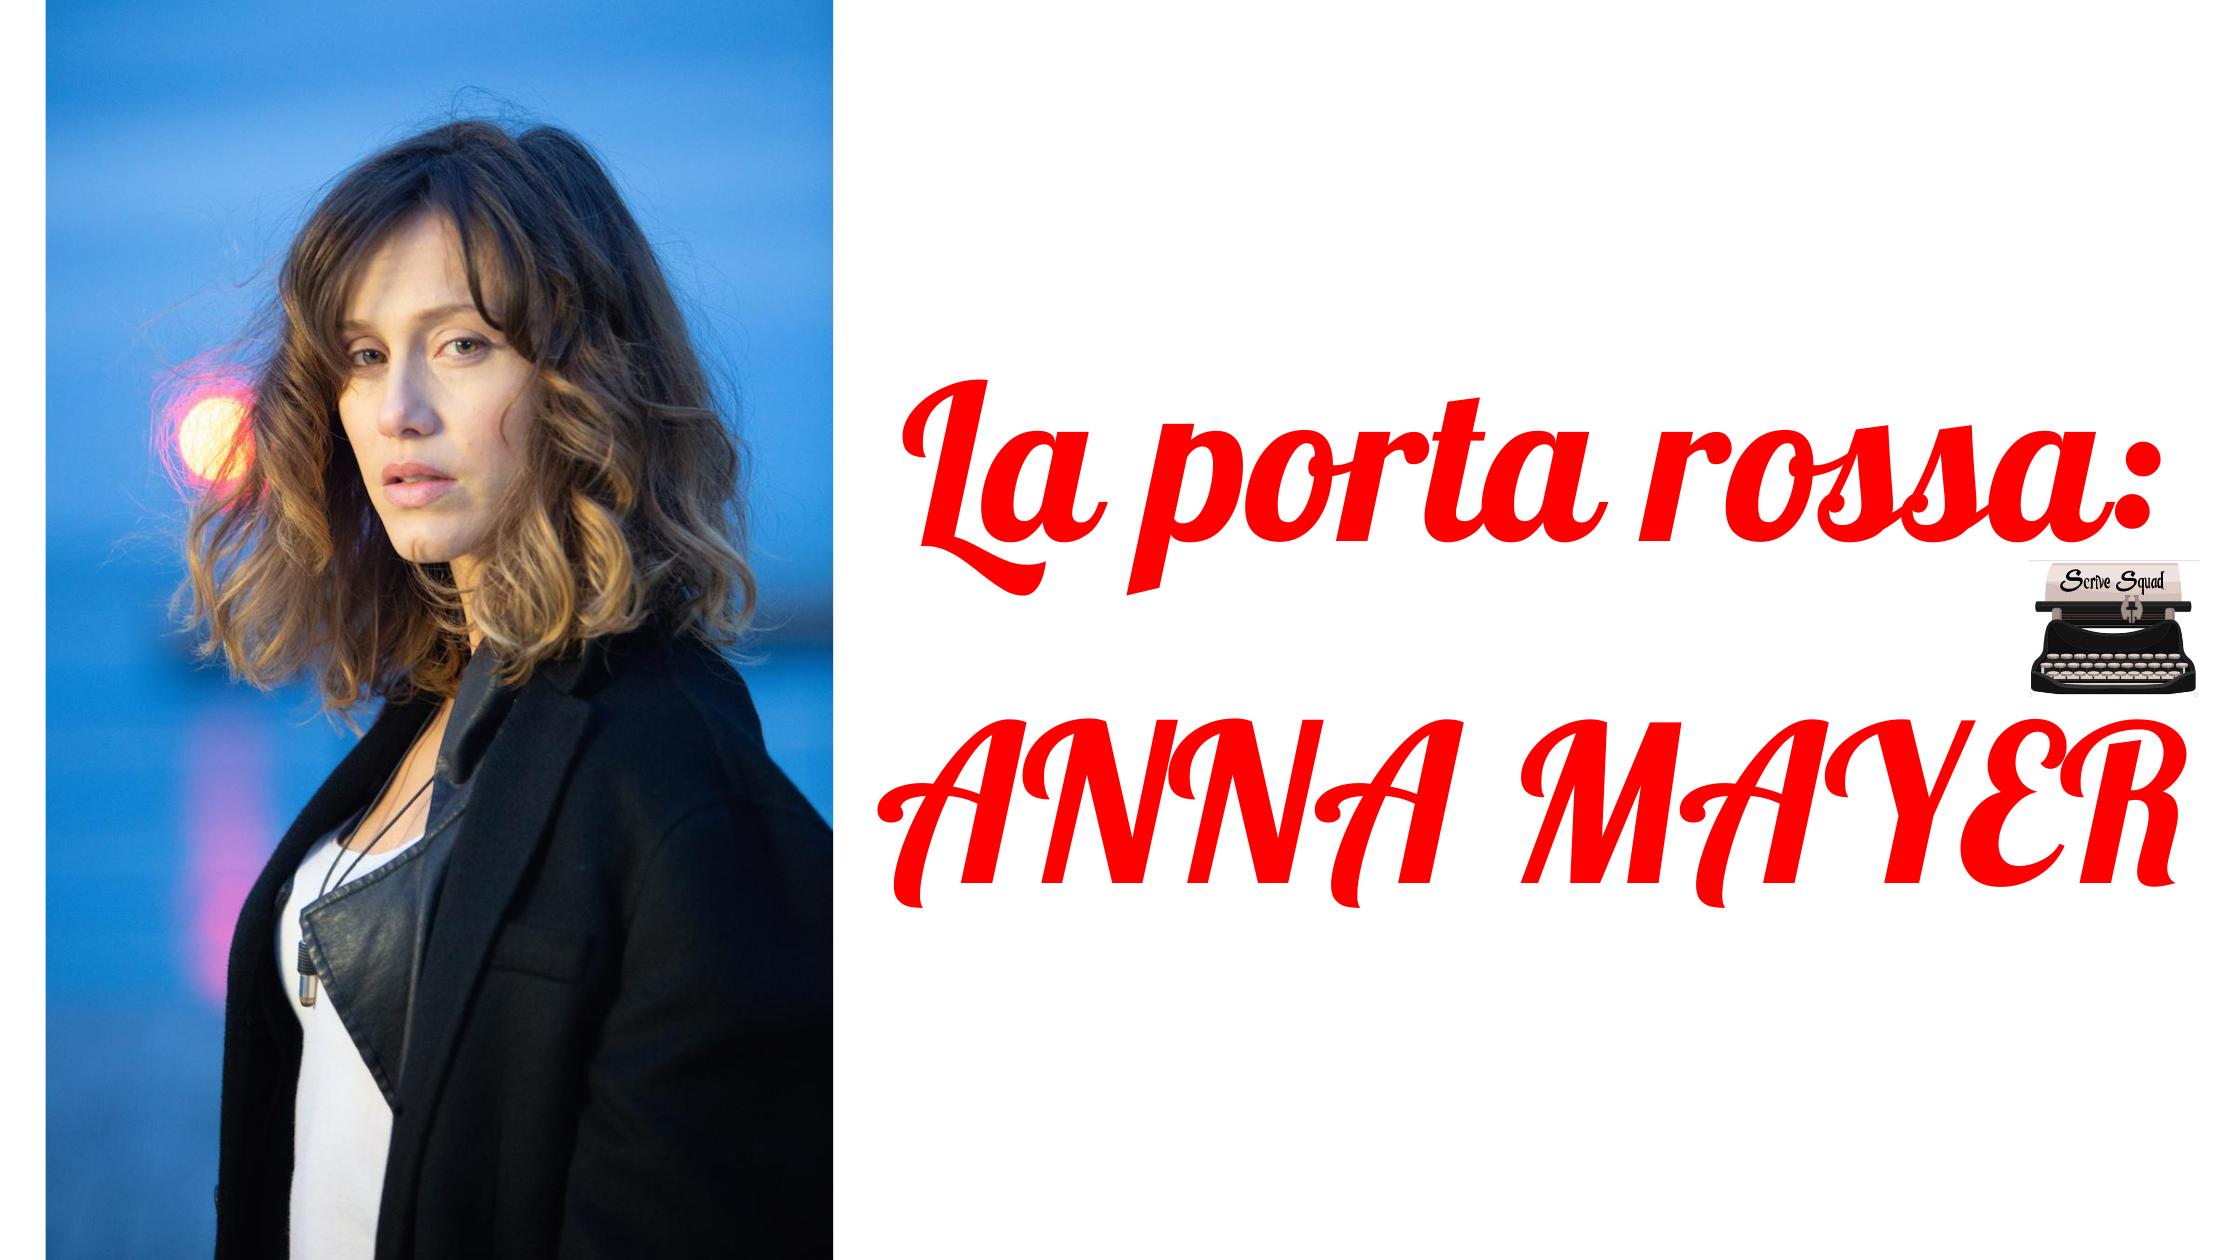 Anna Mayer la porta rossa